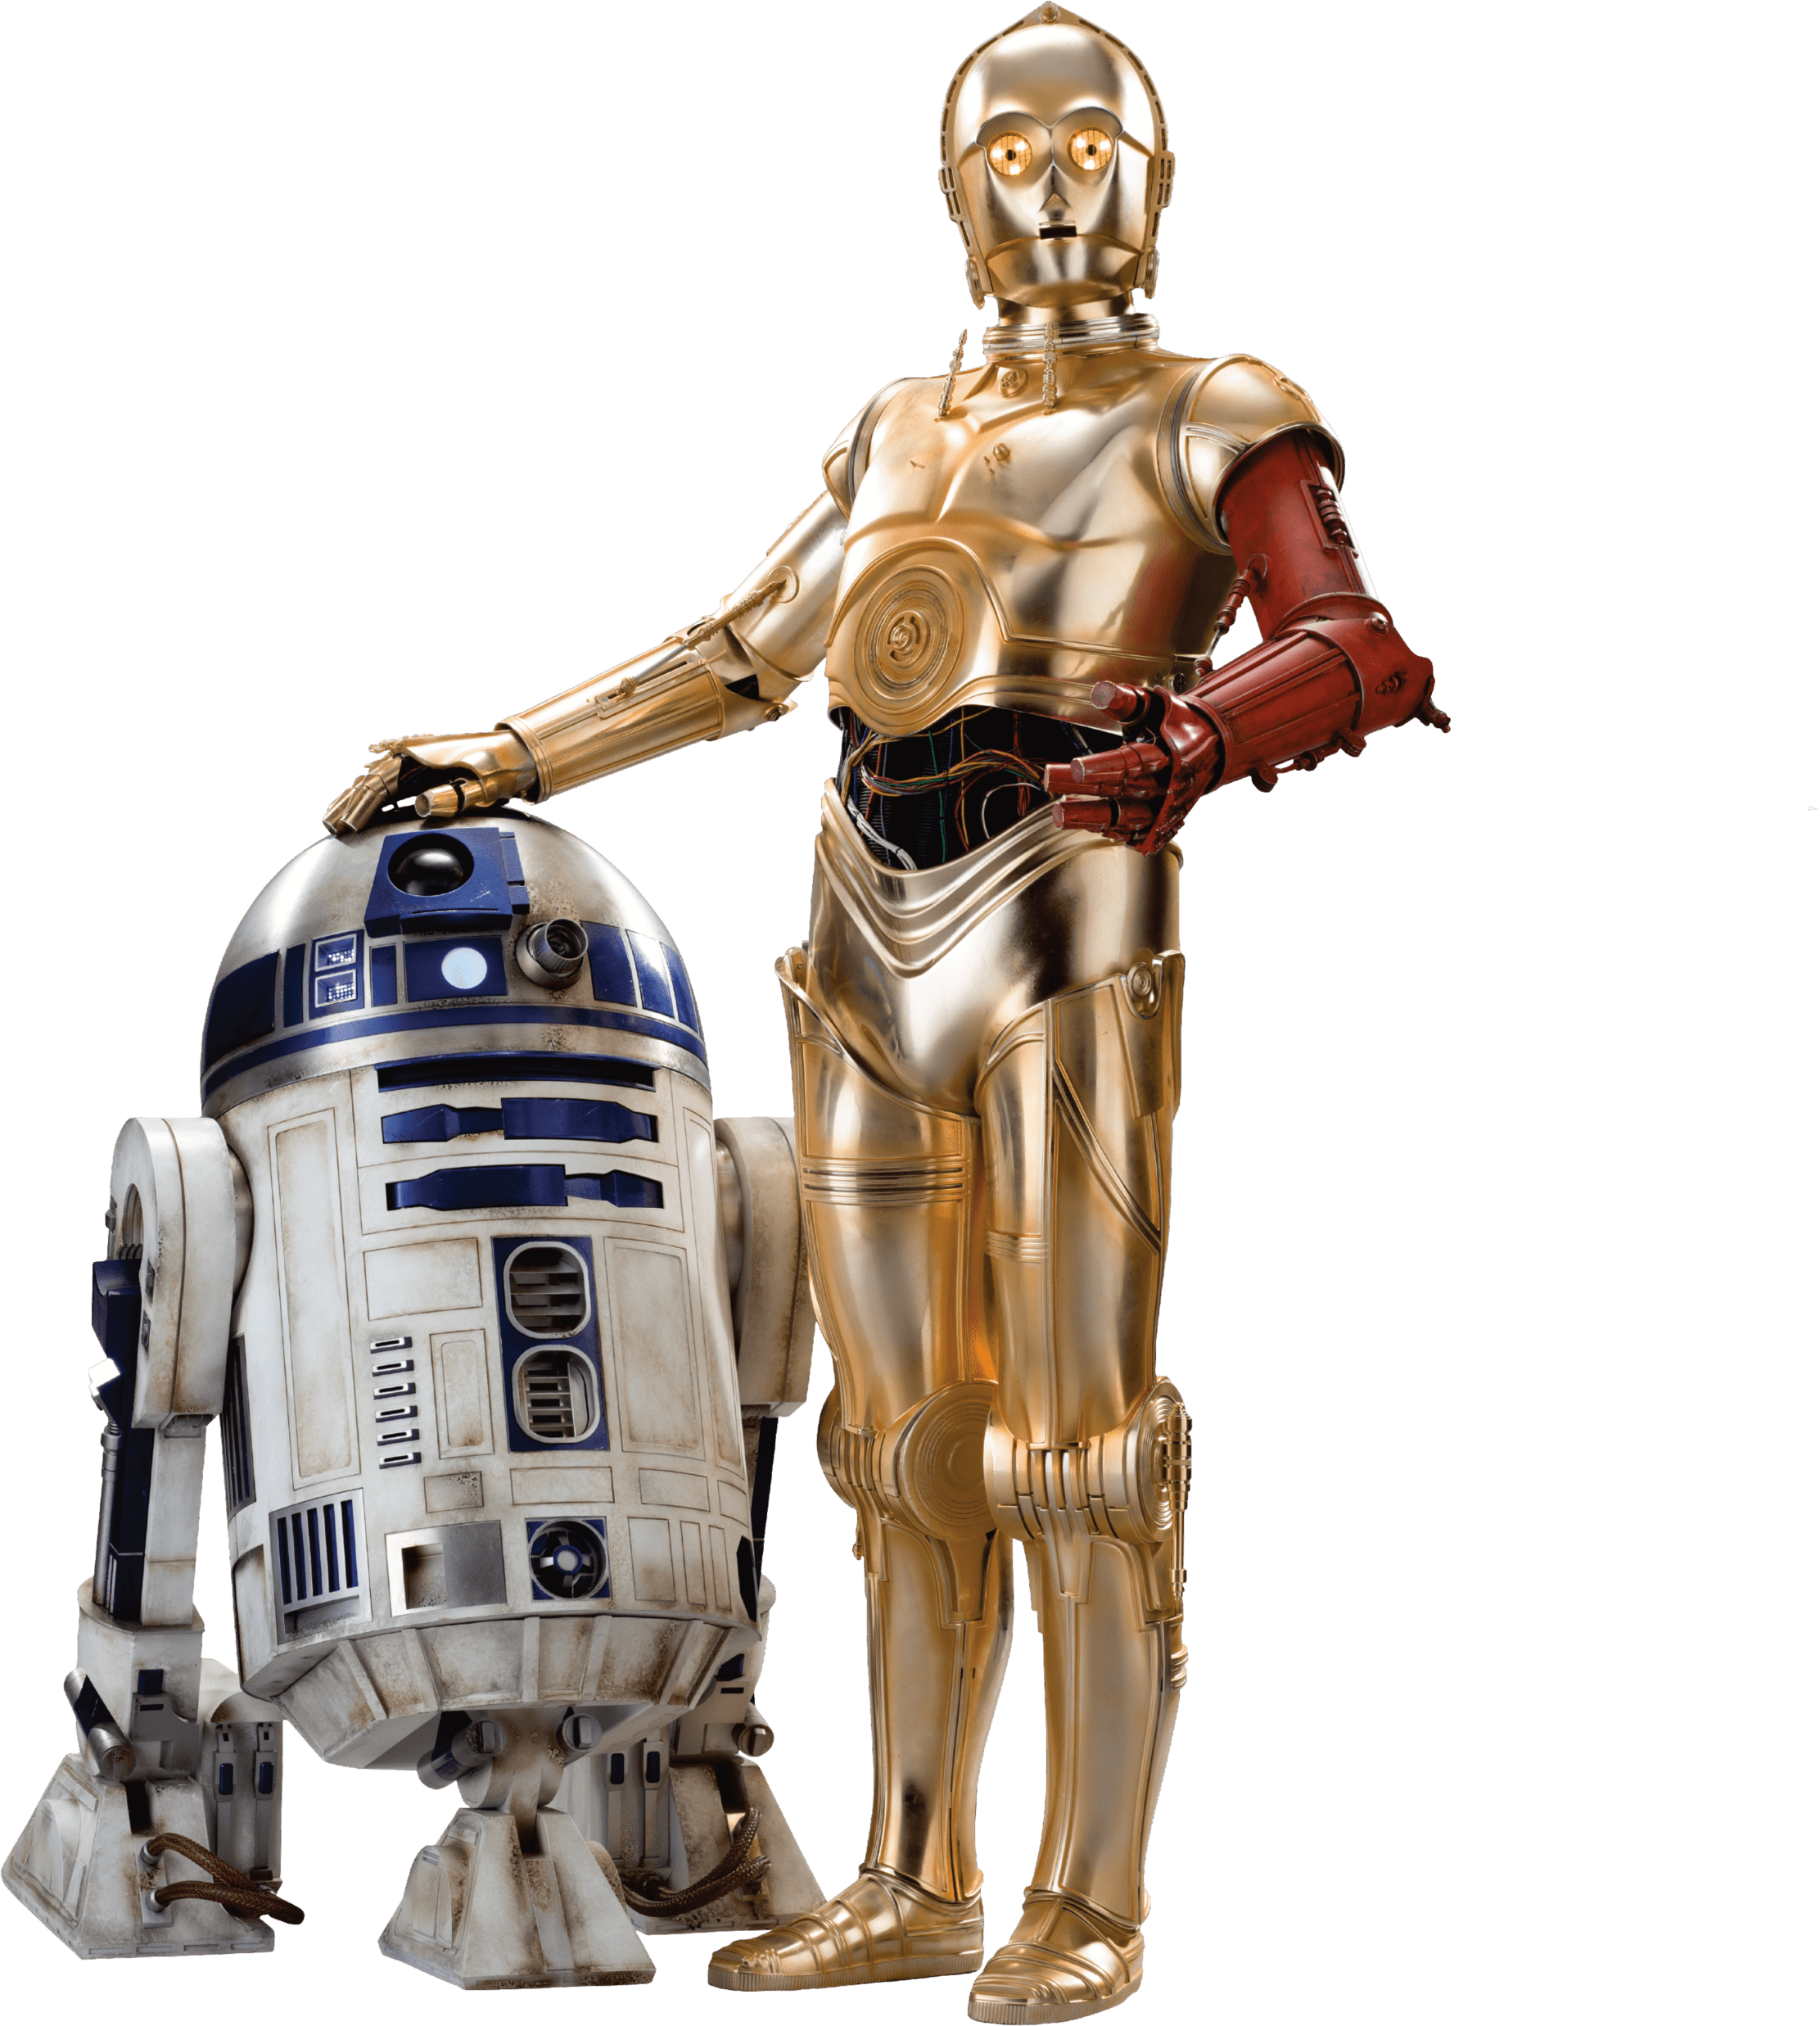 Star Wars Png Transparent 7